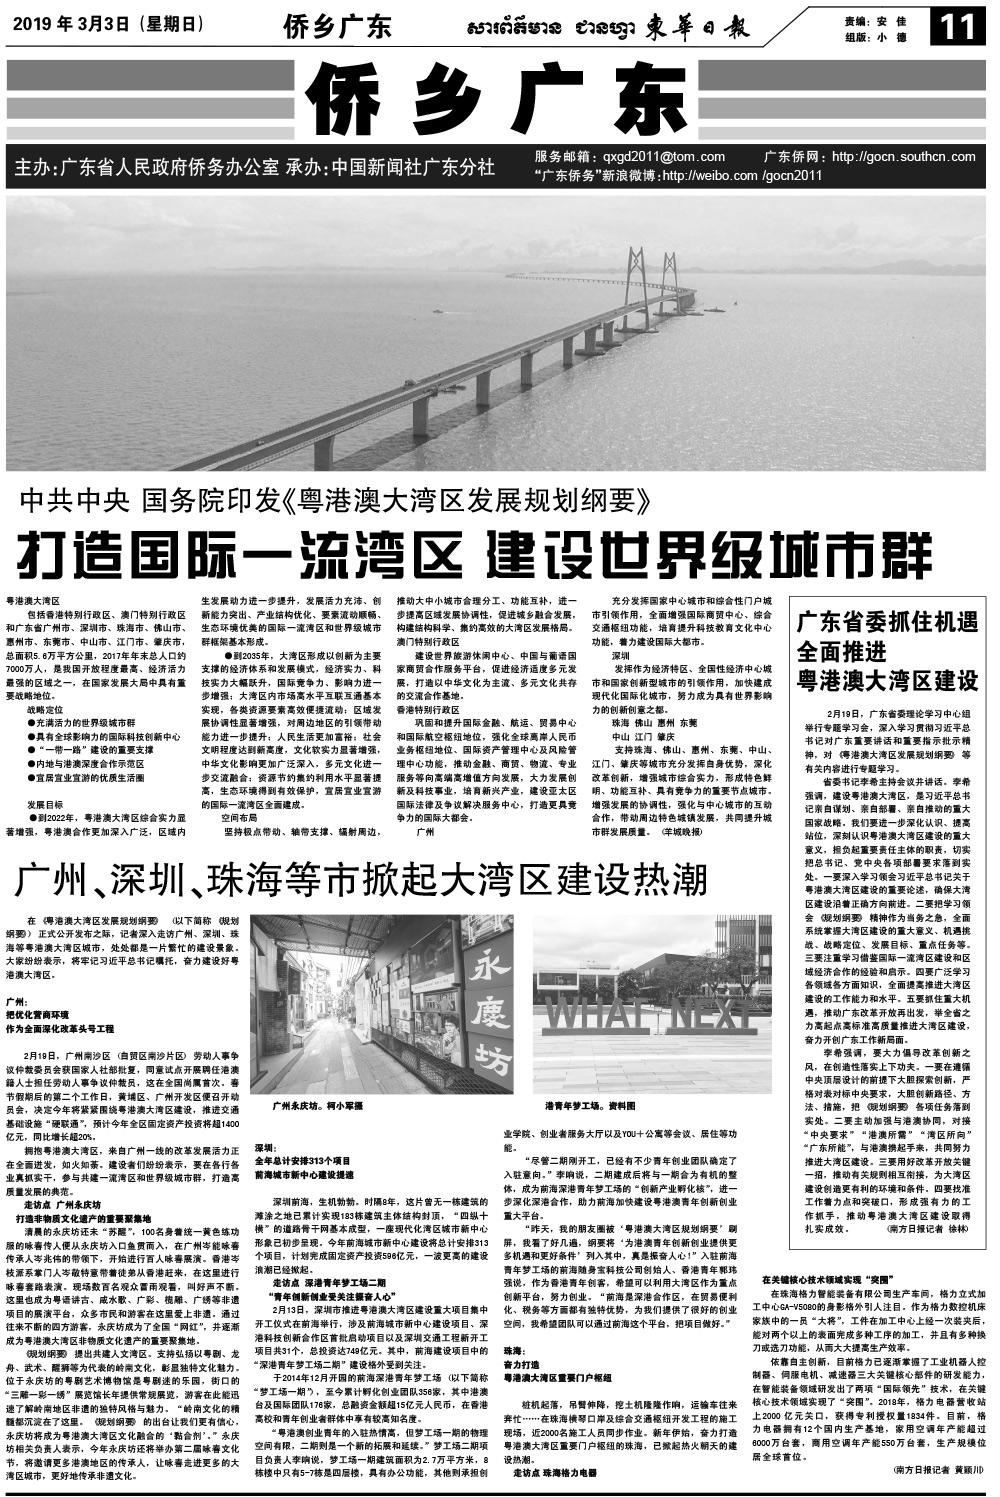 柬华日报-2月下旬刊登.jpg